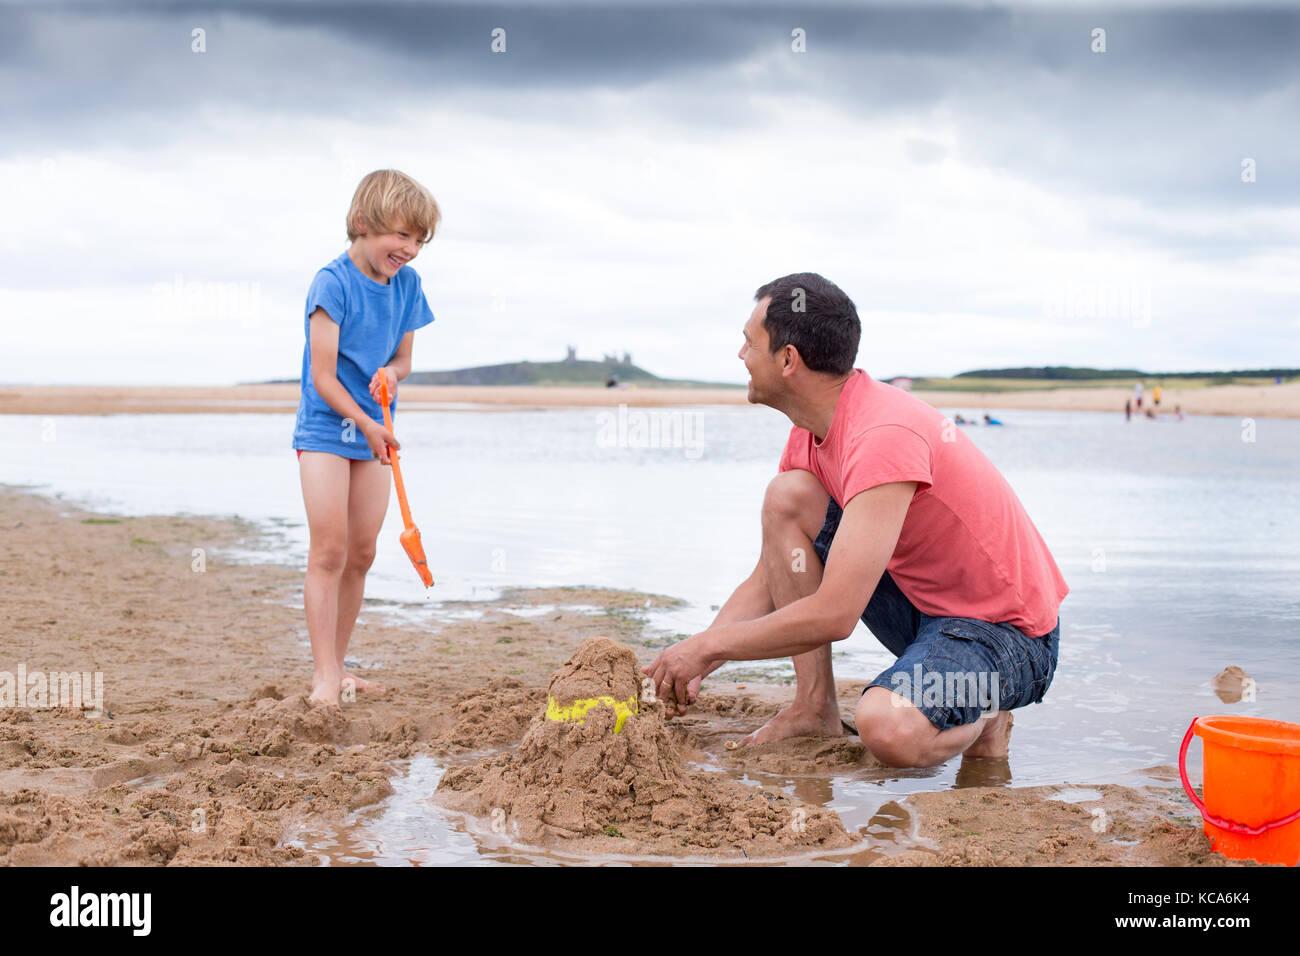 Padre e figlio sono per costruire castelli di sabbia sulla spiaggia Immagini Stock